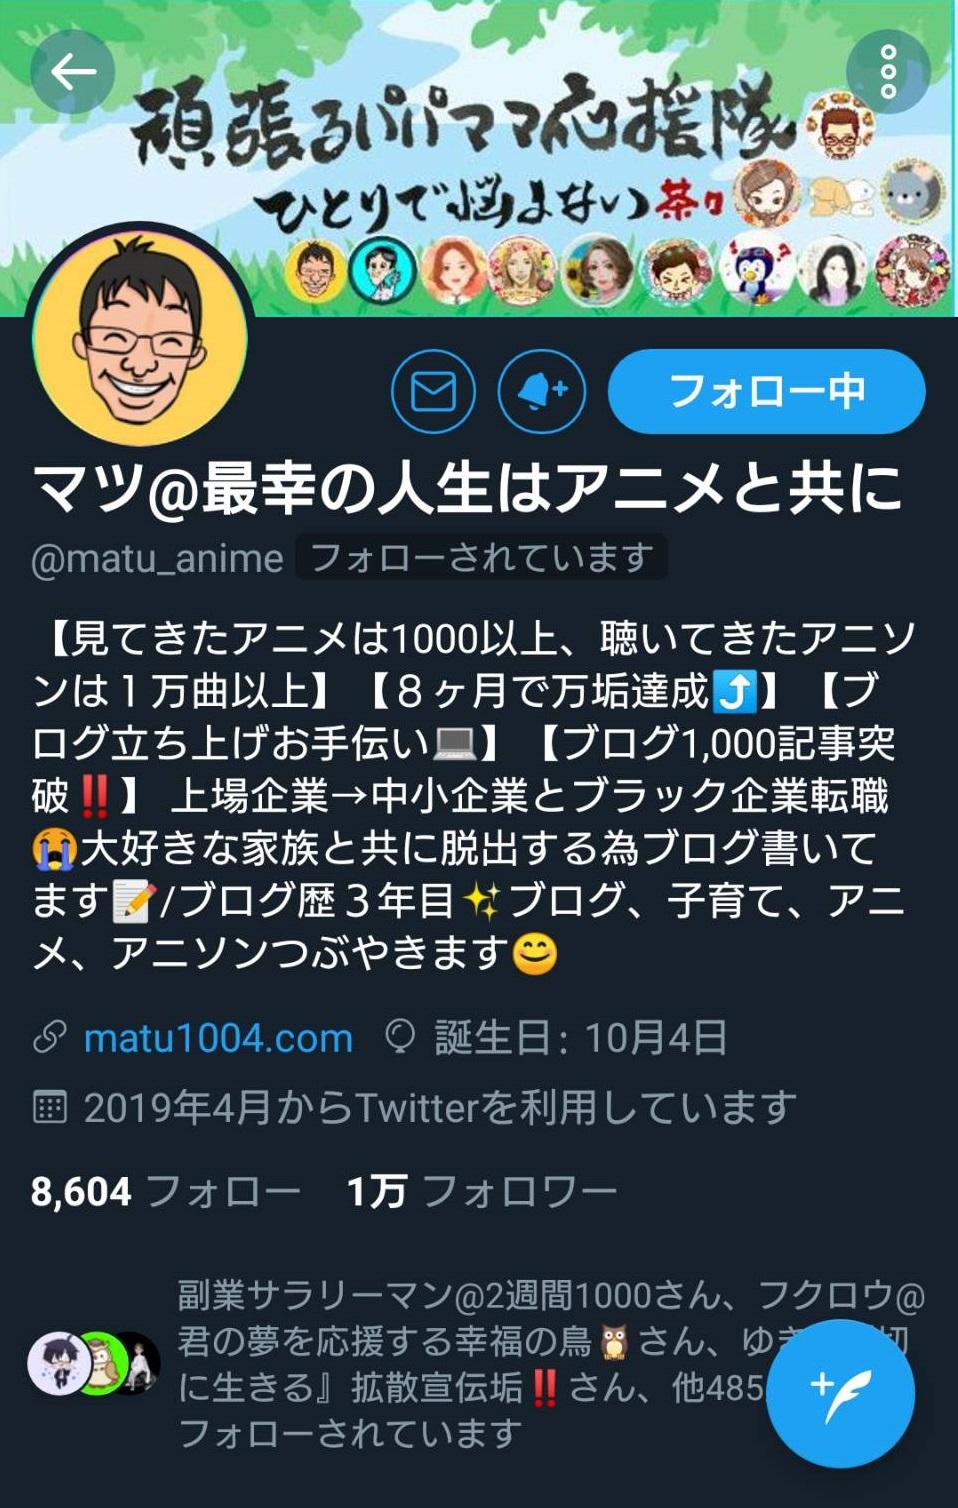 アニメブロガーマツさん